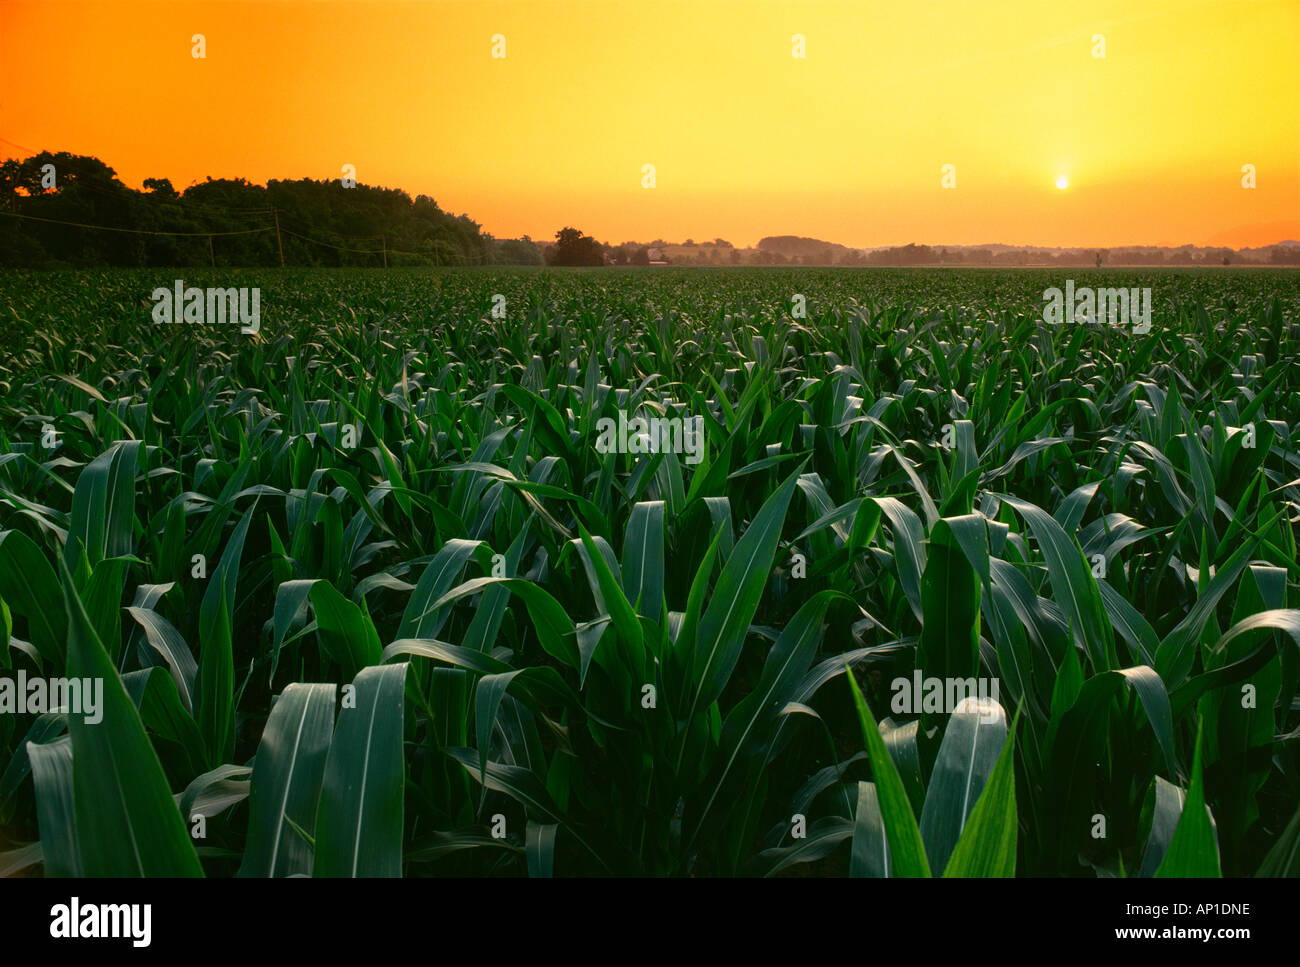 Agricultura - mediados de crecimiento pre borla campo de maíz de grano al atardecer con un cortijo en la distancia / cerca de Maryville, Tennessee, EE.UU. Imagen De Stock